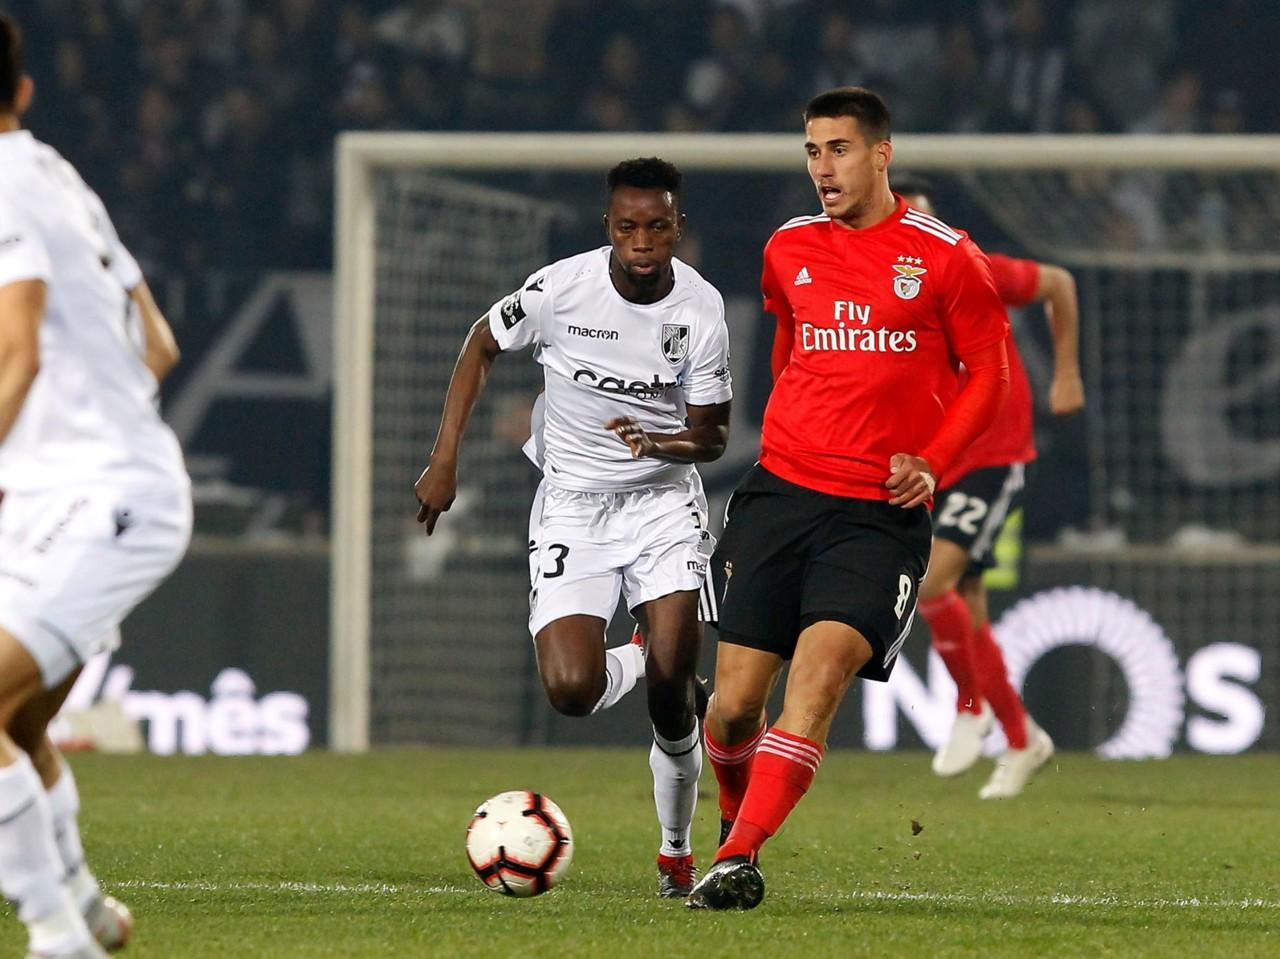 Dois jogos em Guimarães na mesma semana. Duas vitórias por 0-1. Dois golos  marcados pelos avançados. Partidas iguais  Nada disso. 58d3cce35d8ca